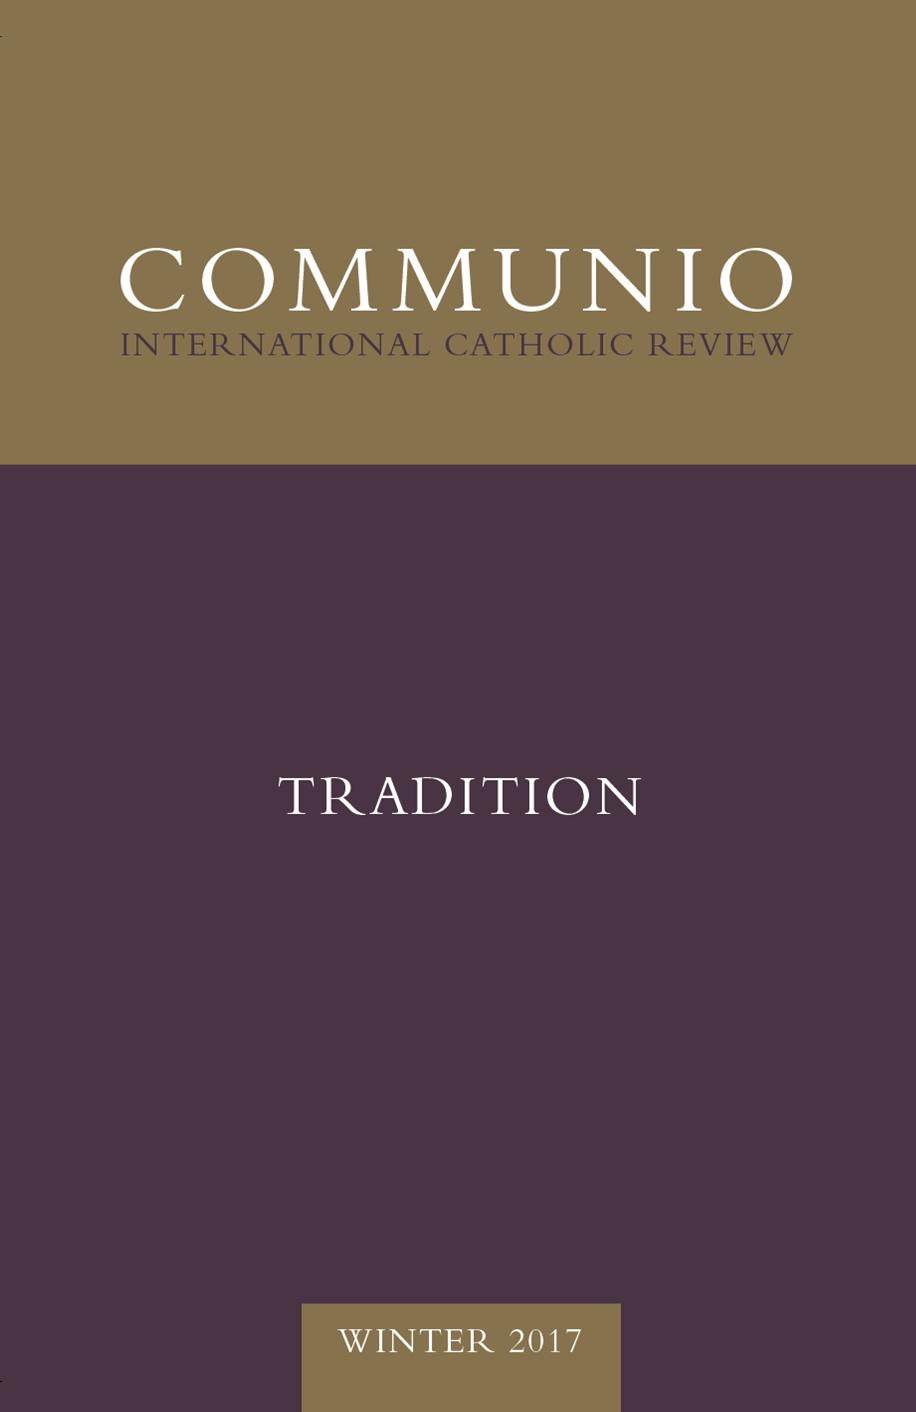 Communio - Winter 2017 - Tradition